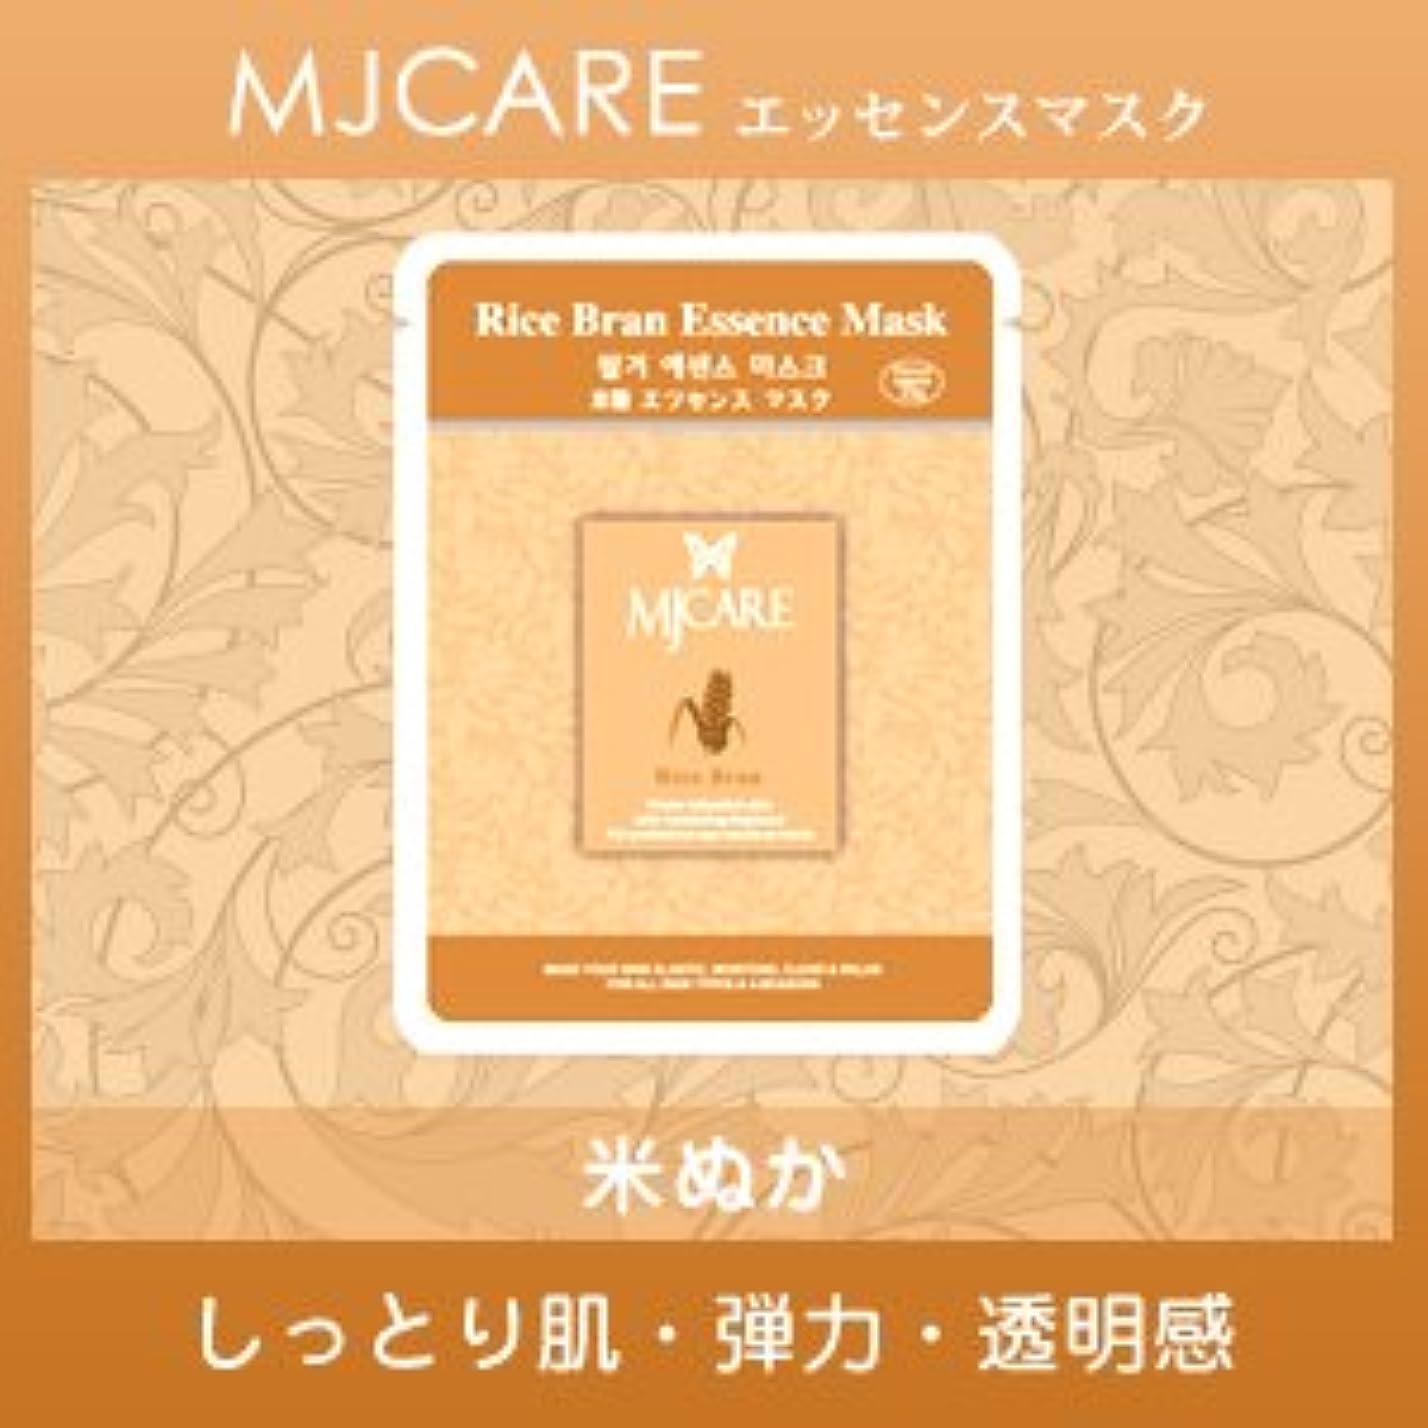 アフリカ人エッセンス肉腫MJCARE (エムジェイケア) 米ぬか エッセンスマスク